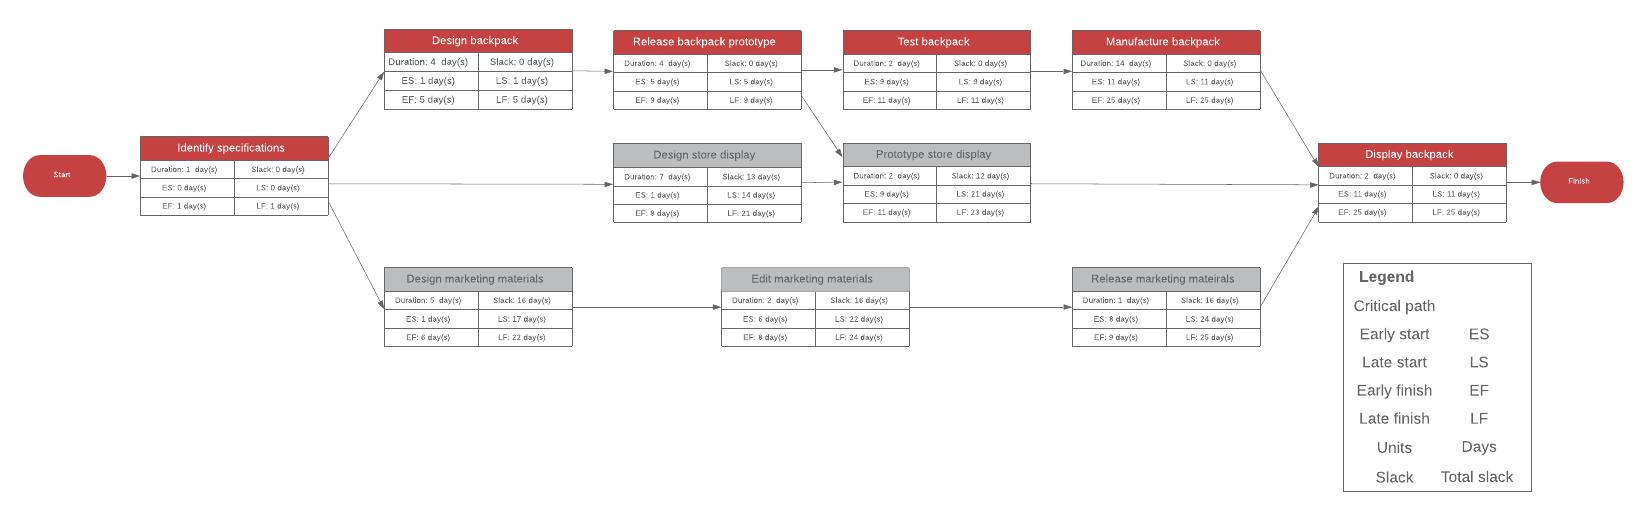 network diagram template diagram